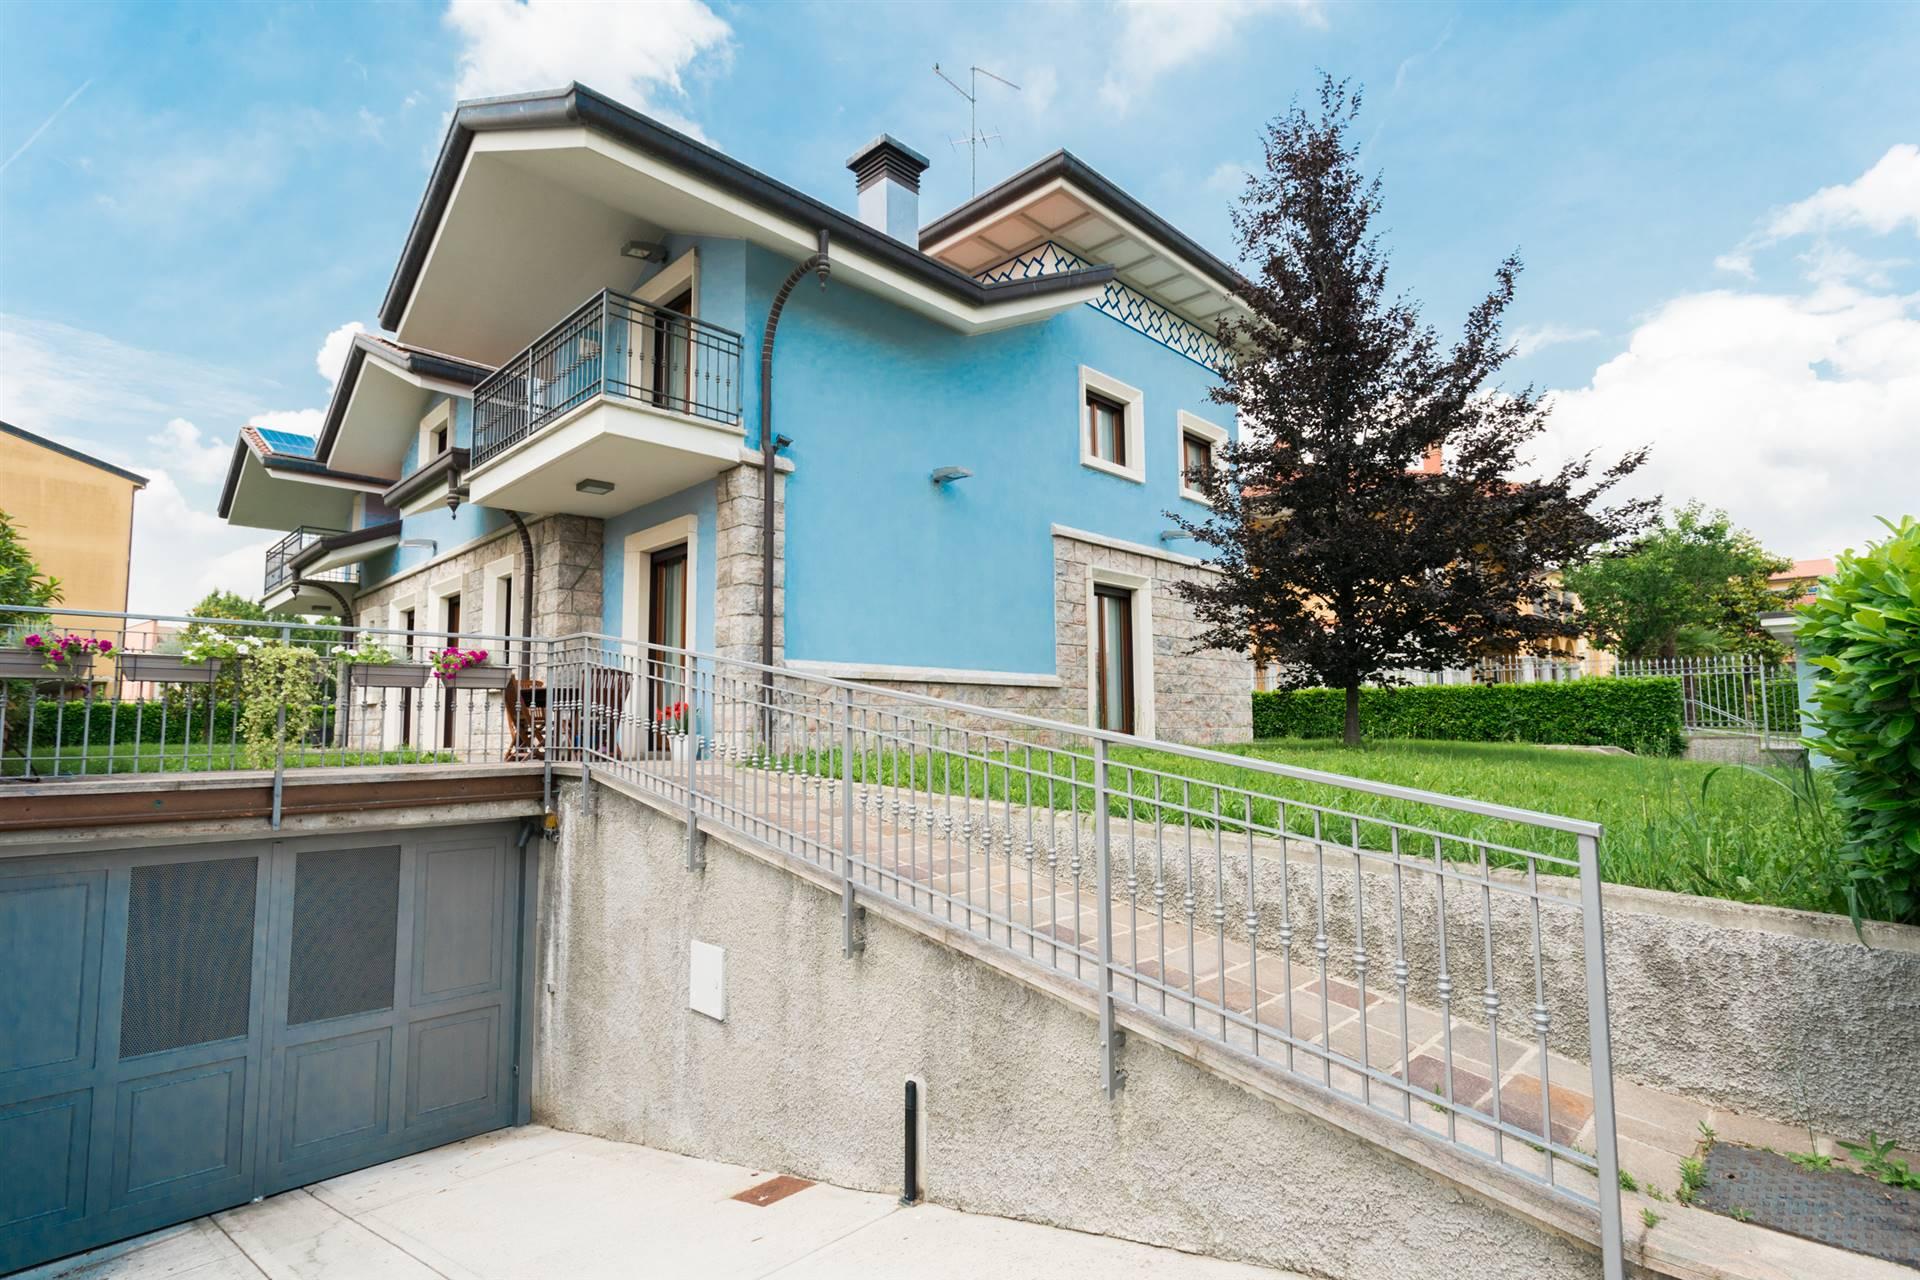 Villa in Vendita a Bellusco: 5 locali, 368 mq